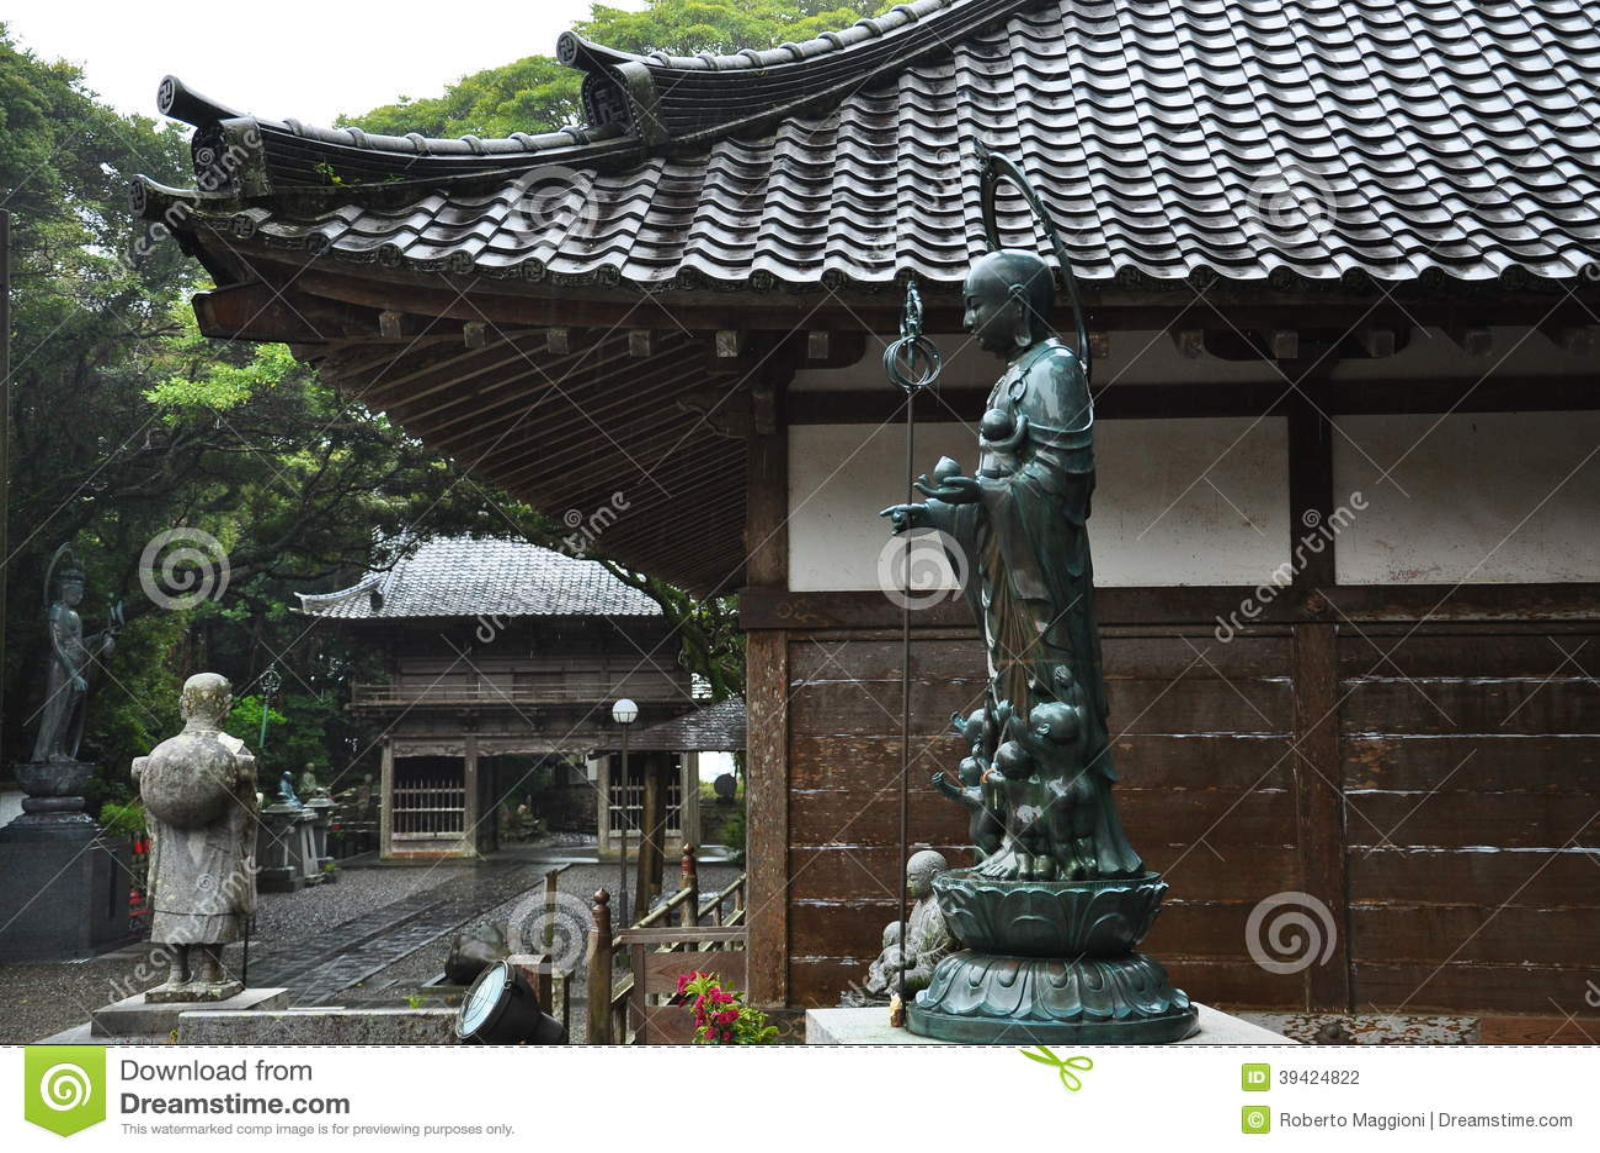 architettura tradizionale giapponese tempio buddista ForArchitettura Tradizionale Giapponese